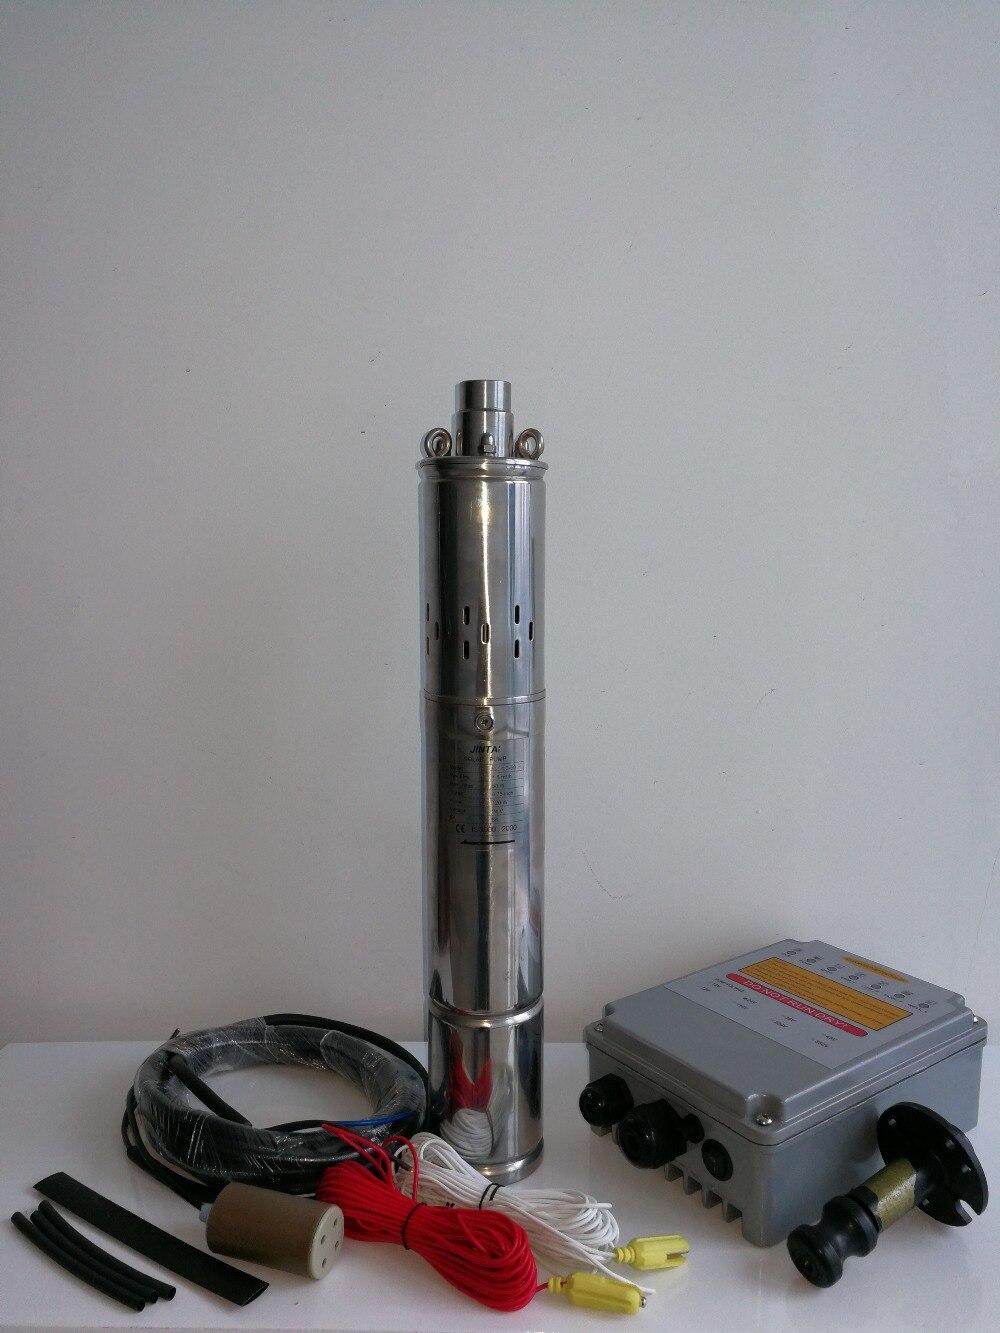 5 ans de garantie pompe à eau solaire, système de pompe de forage solaire, pompe à courant continu pour puits profond, livraison gratuite, numéro de modèle: JS3-2.3-140